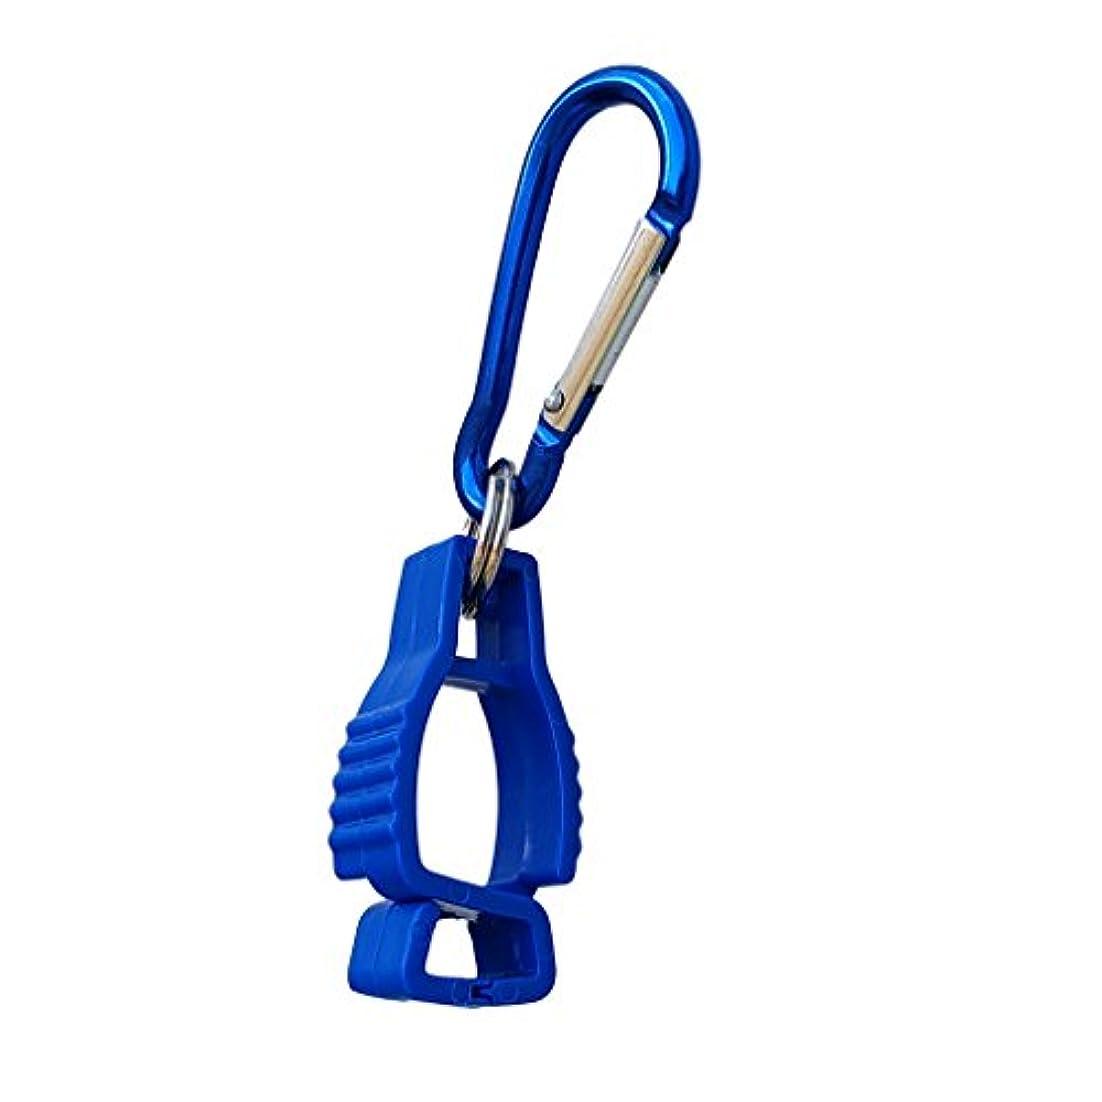 気づくなるモーテル複製するアンチロストプラスチック小型労働手袋クリップホルダーハンガーガードグラバーアクセサリー強く&軽い色オレンジ/グリーン/イエロー/レッド/ブルー/ブラック